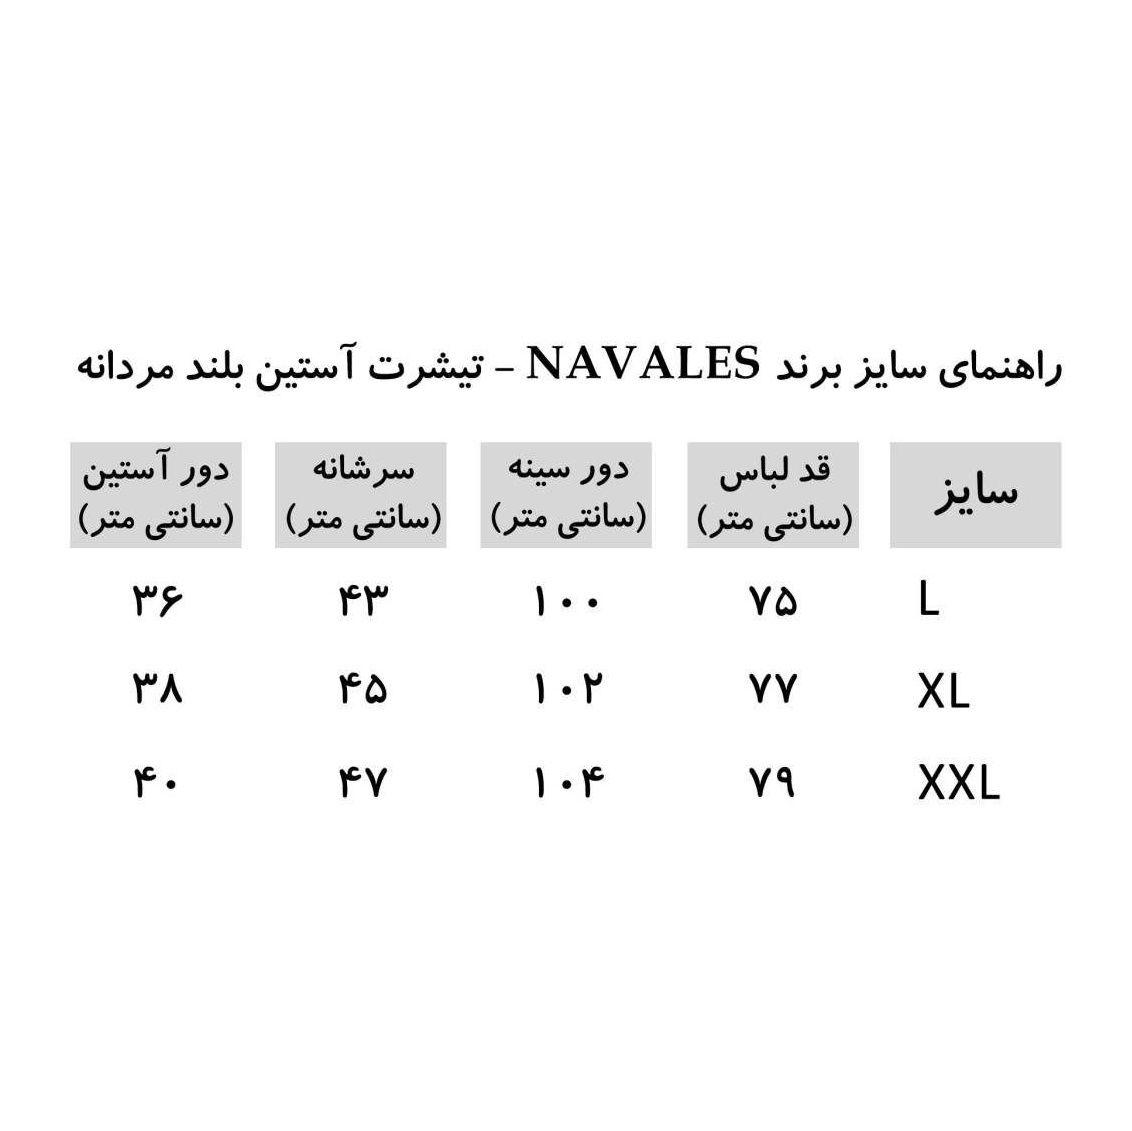 پیراهن مردانه ناوالس مدل regularfit2019_nv main 1 4